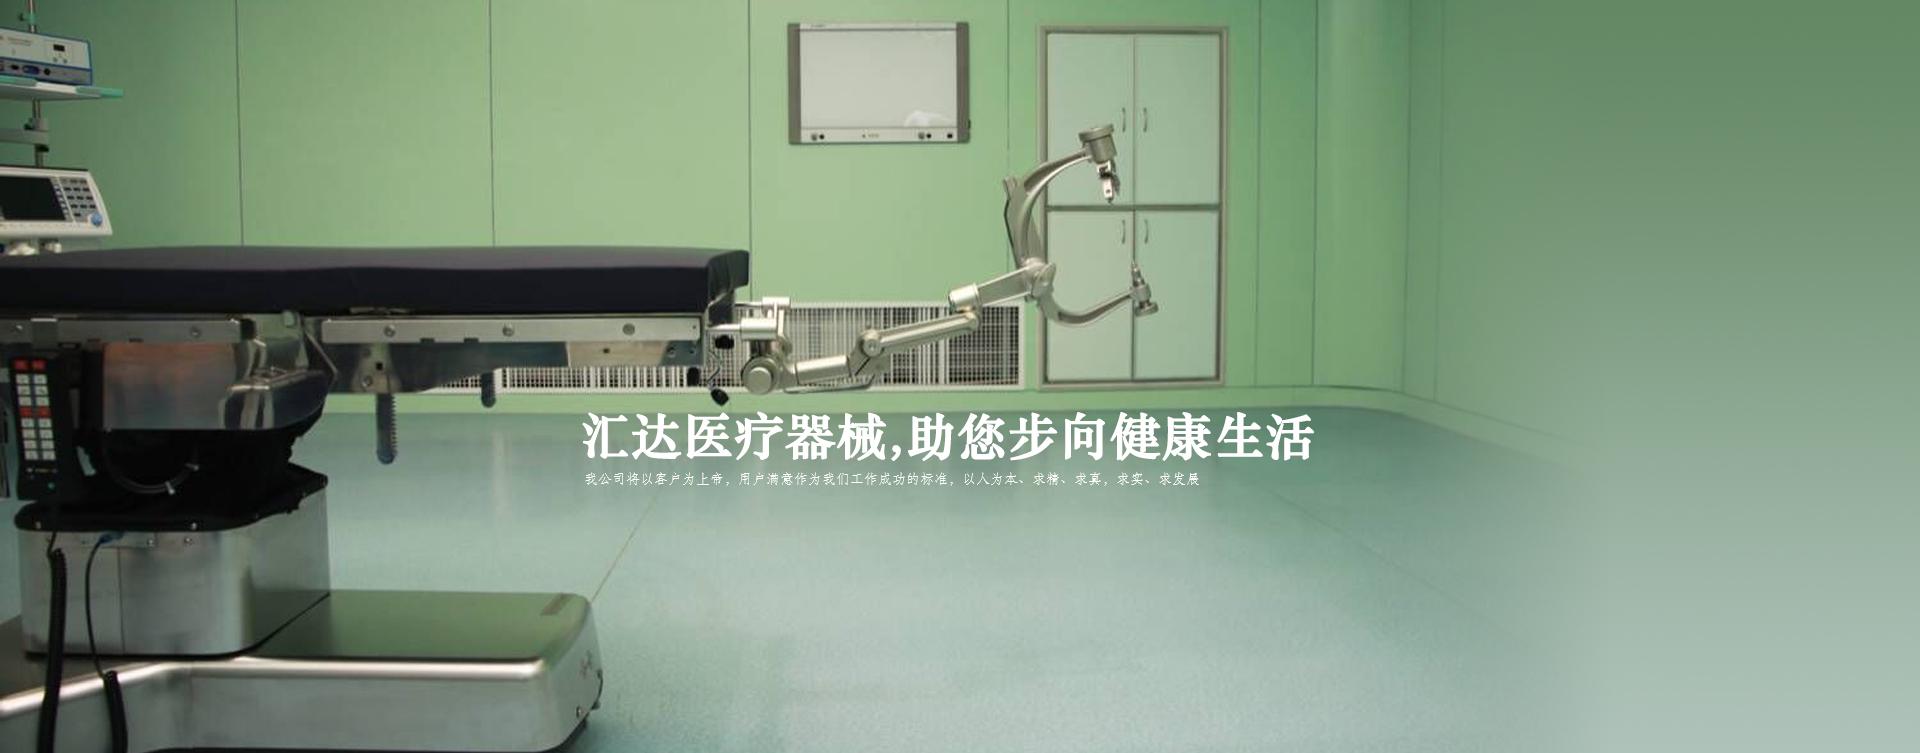 汇达医疗器械,助你步向健康生活